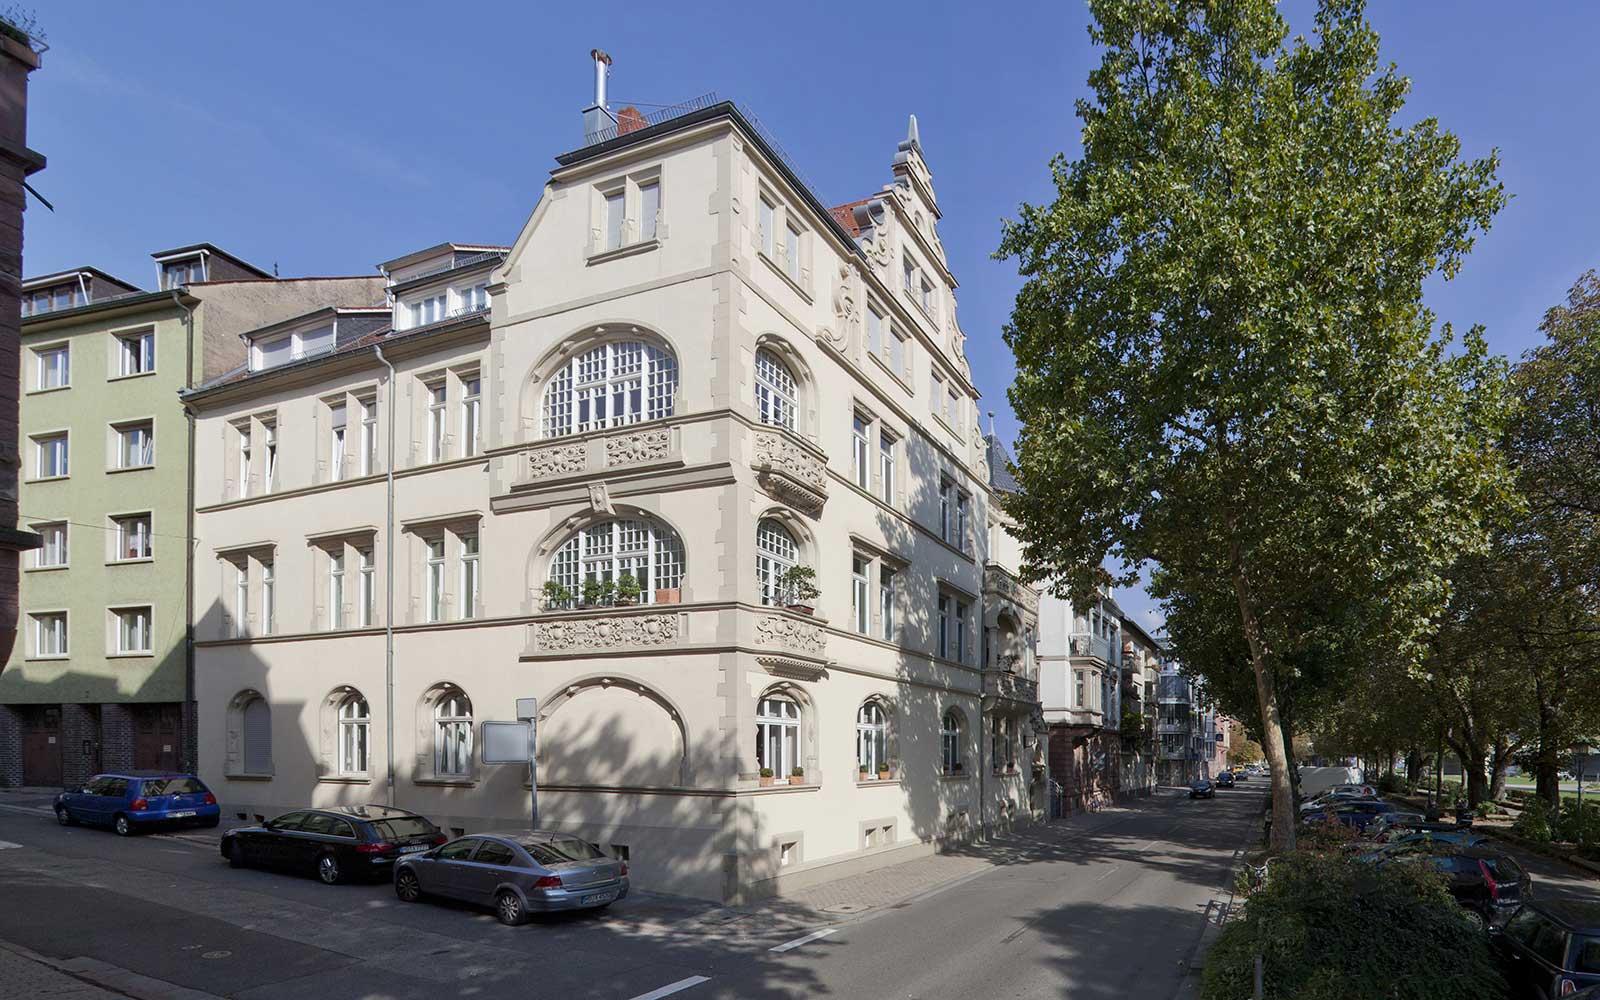 Dachstudio in Heidelberg Neuenheim, Kochhan und Weckbach, Architekt Heidelberg